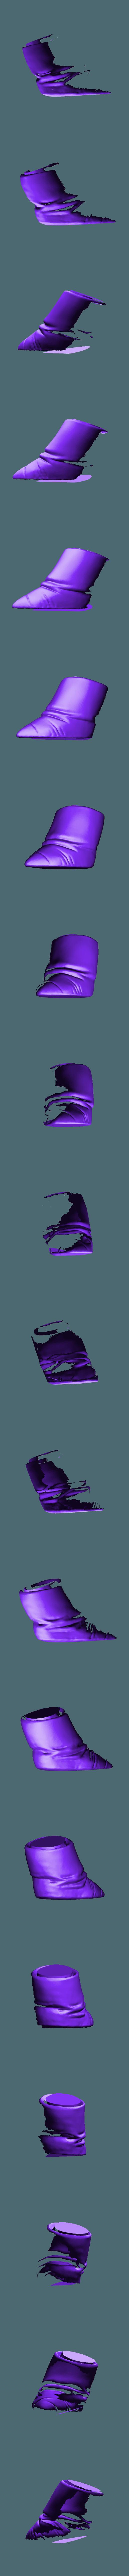 MajinBuu_05.stl Télécharger fichier STL gratuit Buu Dragon Ball Z • Objet pour impression 3D, Gatober